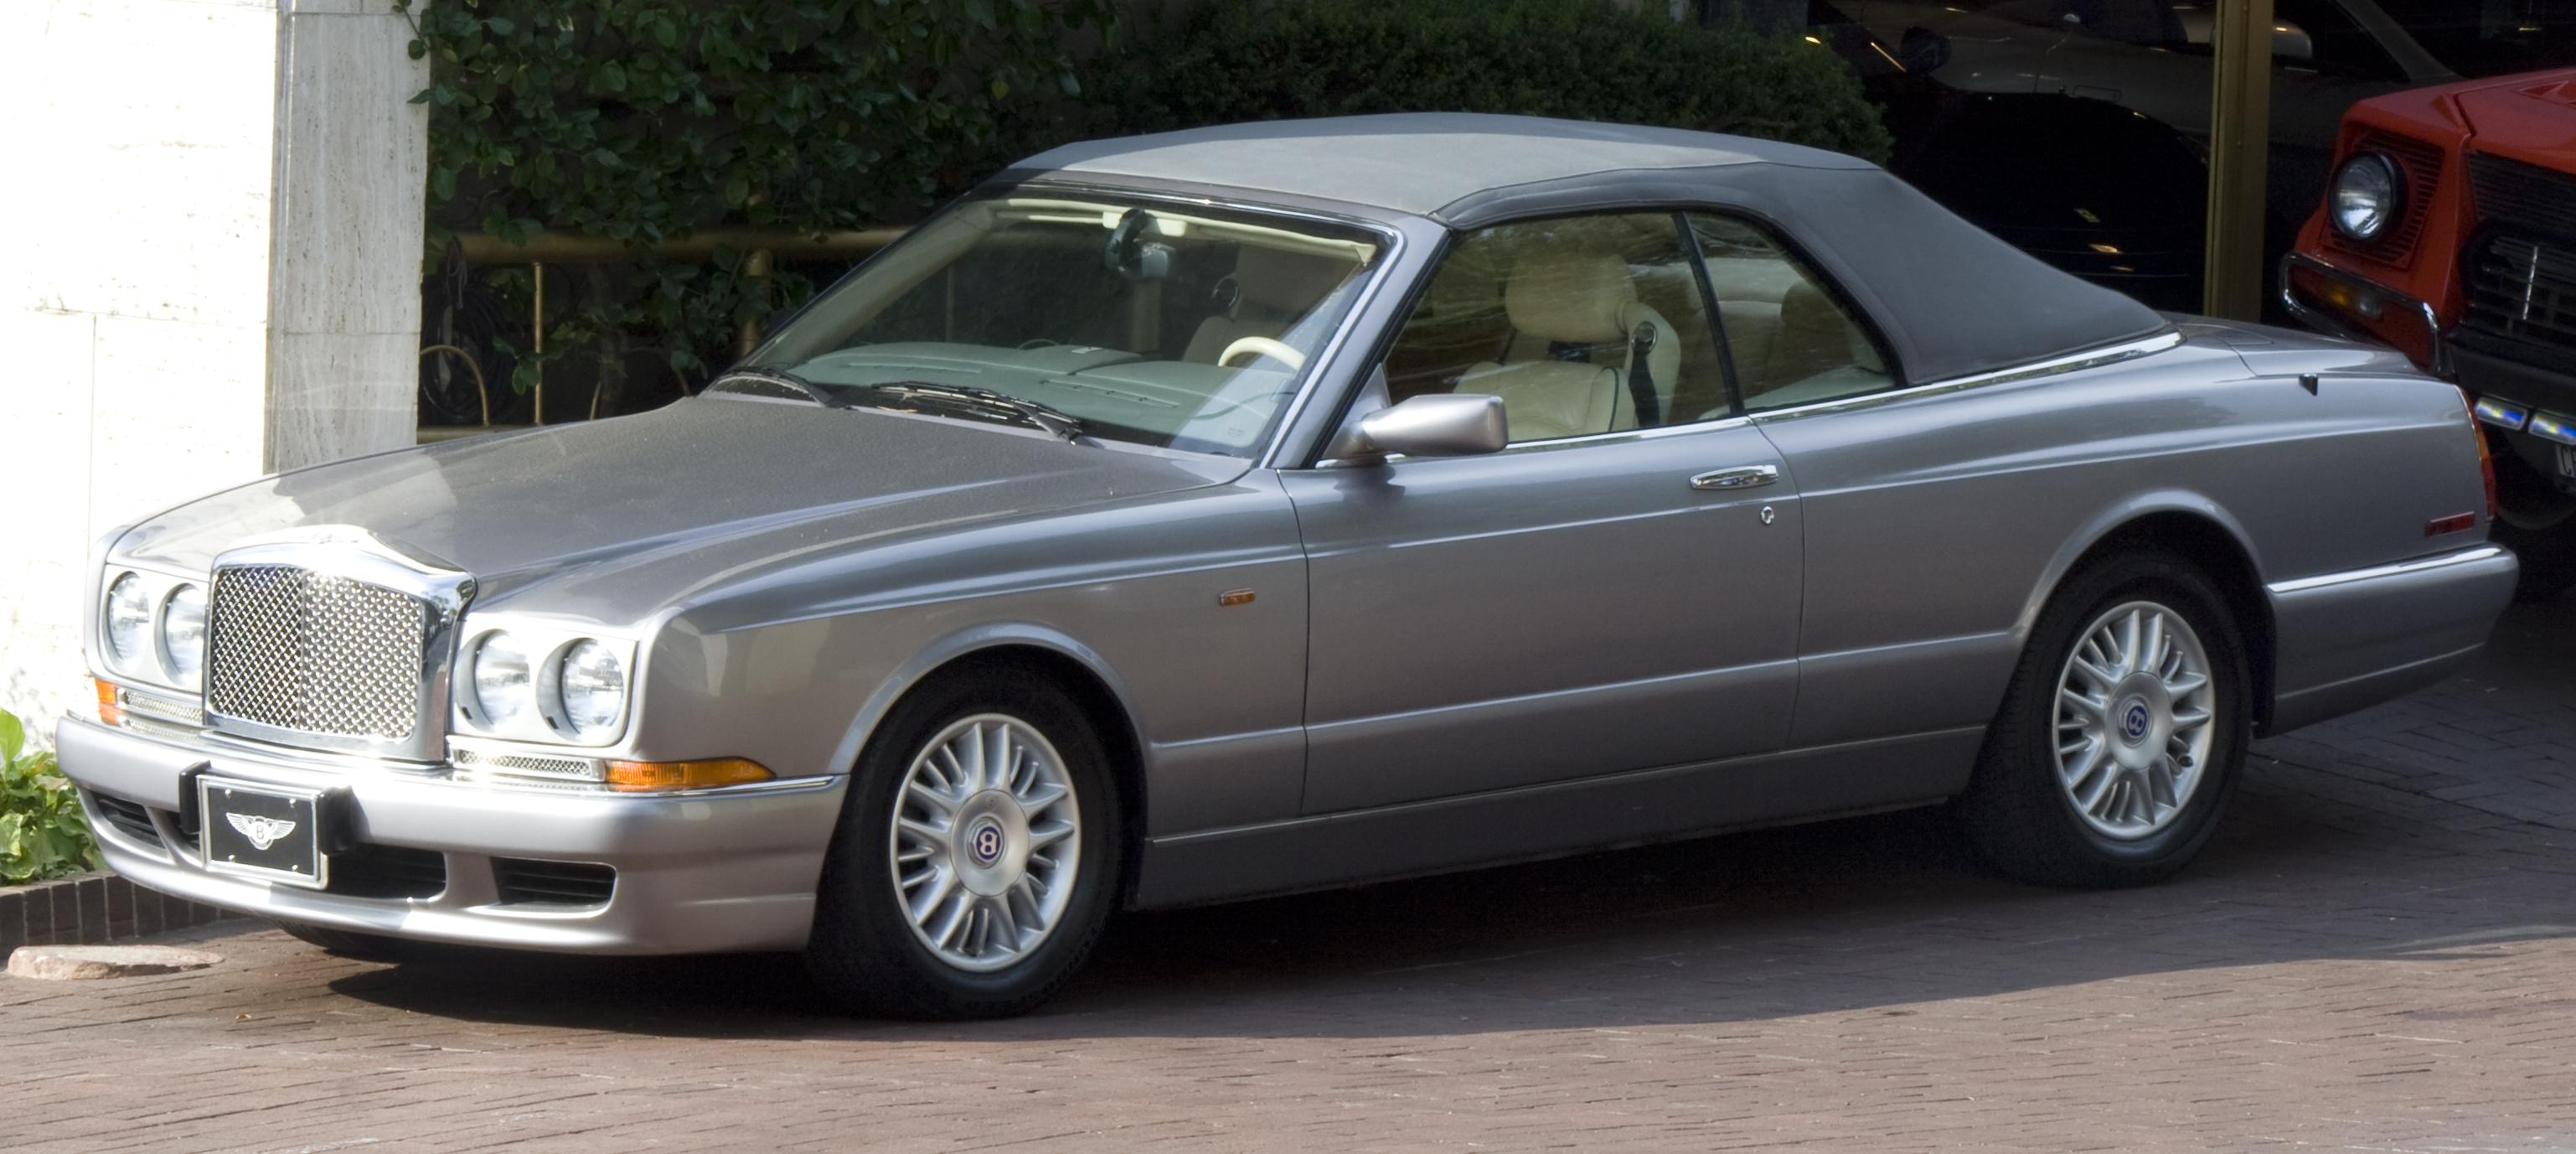 2001 Bentley Azure Image 4